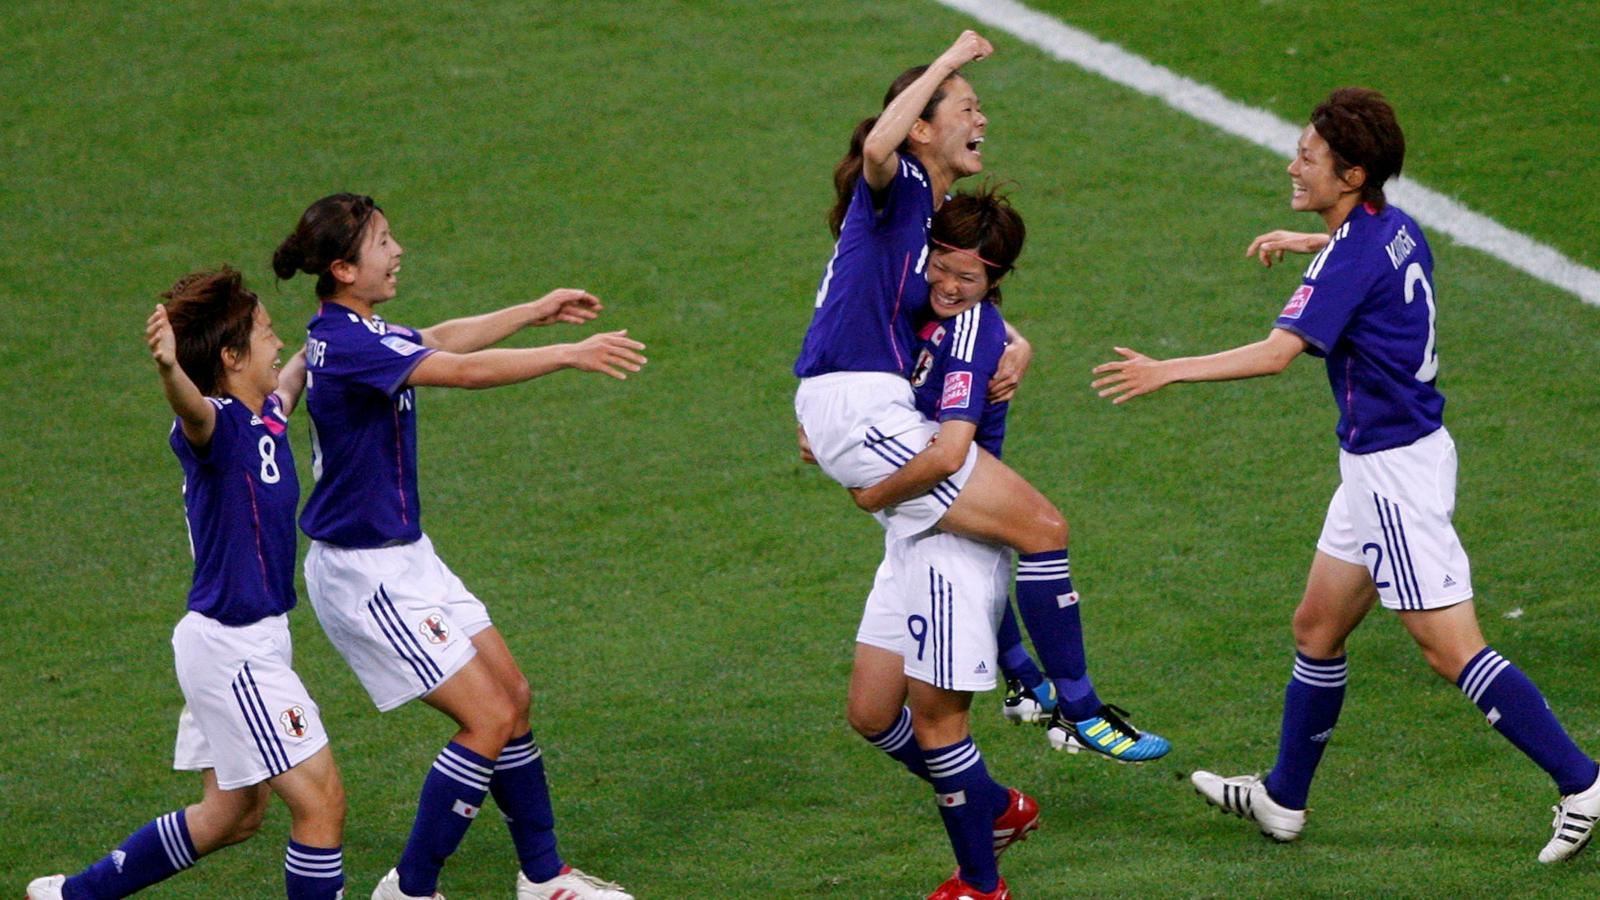 Ce sera japon etats unis coupe du monde f minine 2011 football eurosport - Coupe du monde etats unis ...